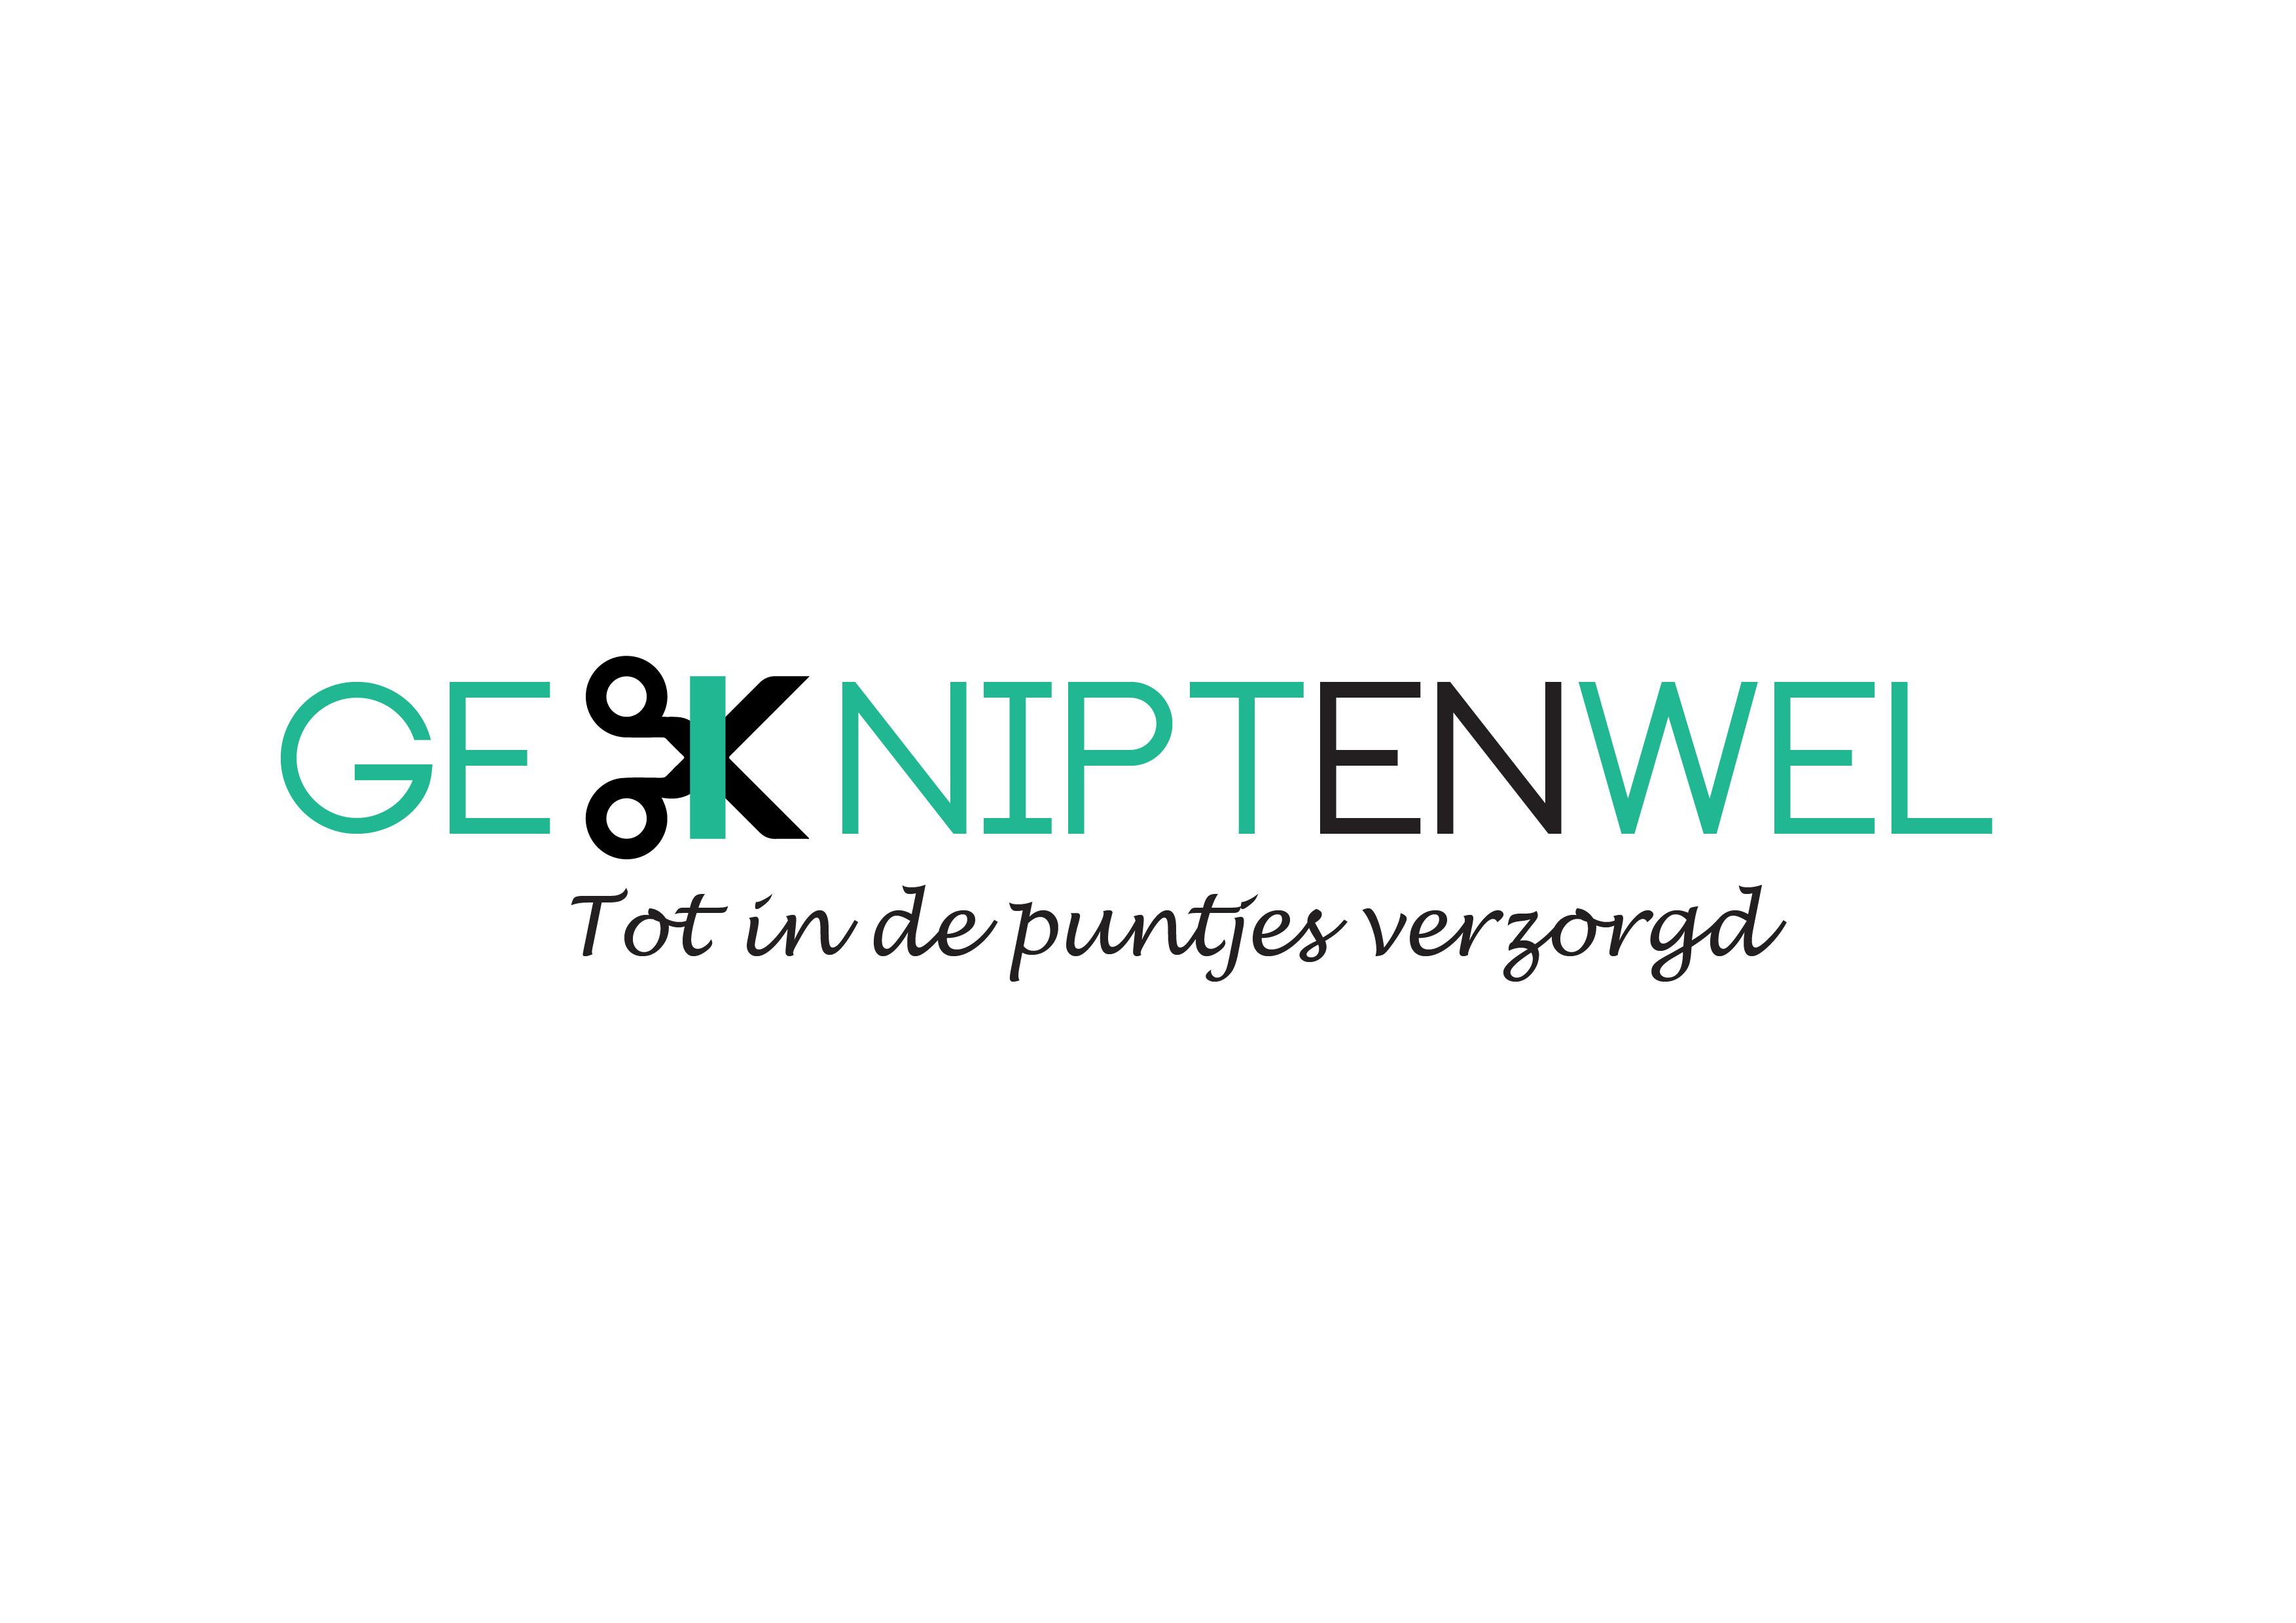 Gekniptenwel logo